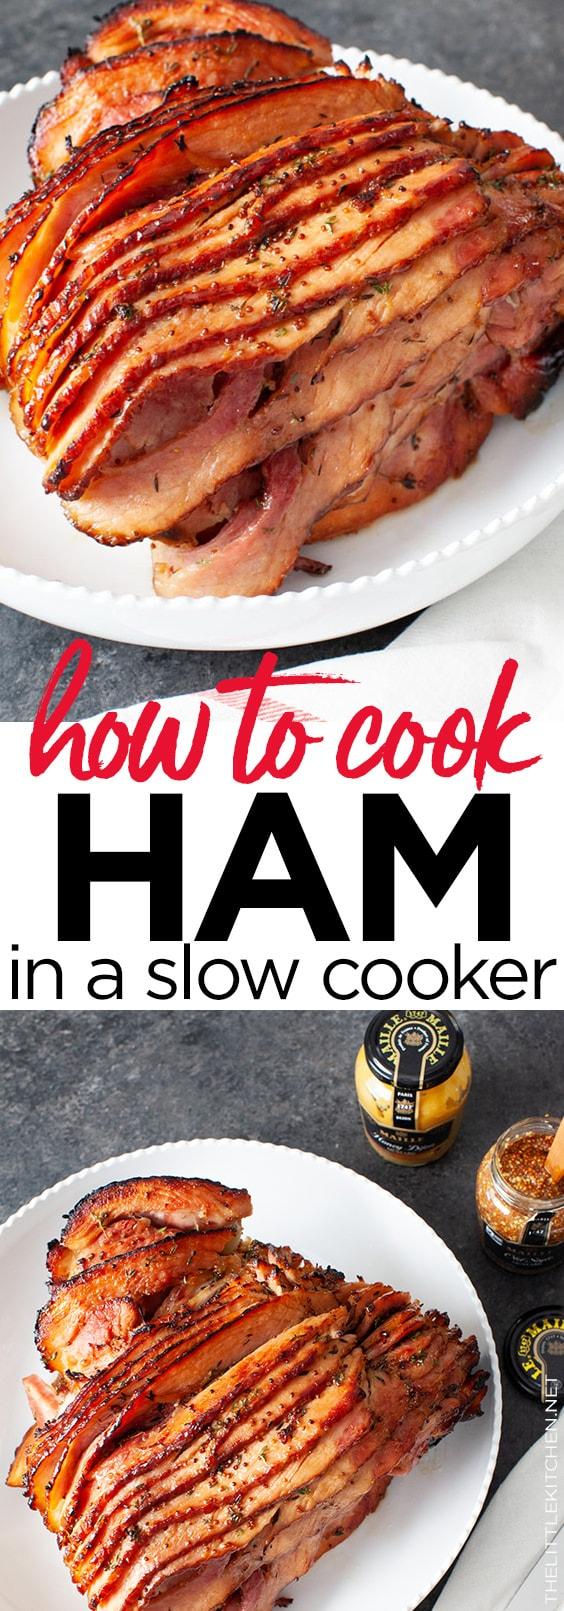 Slow Cooker Ham from thelittlekitchen.net